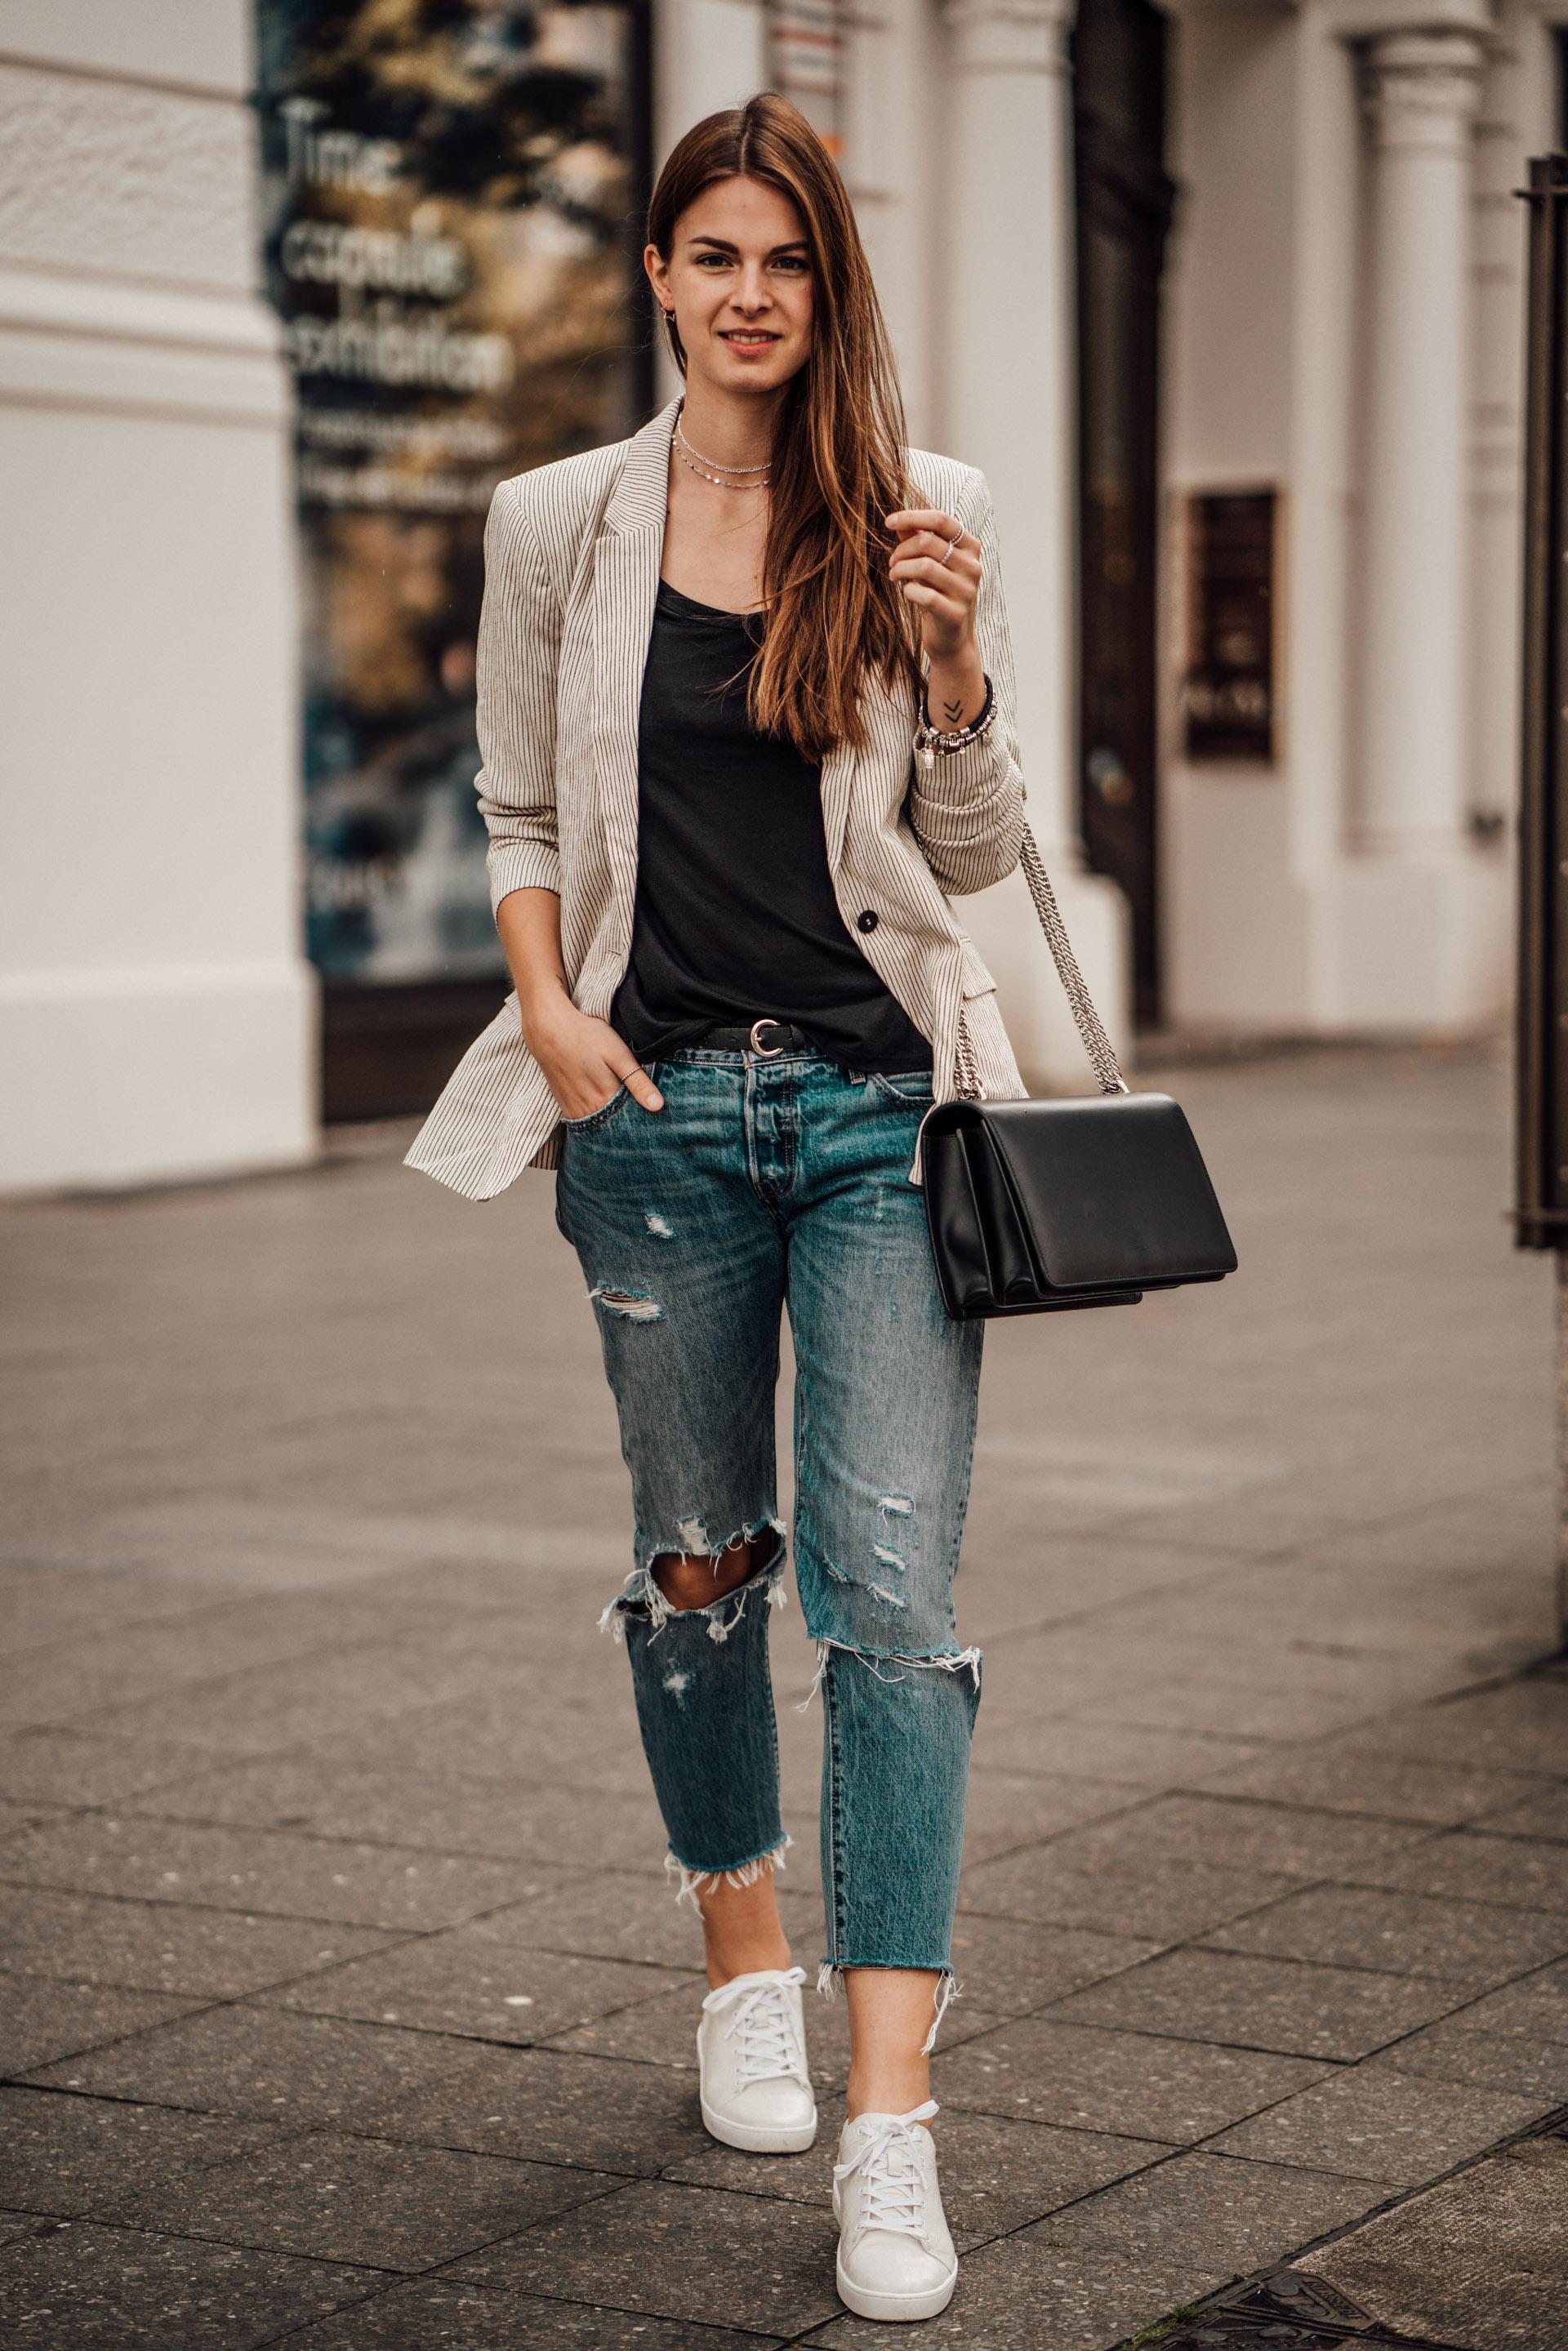 Images bra stylish